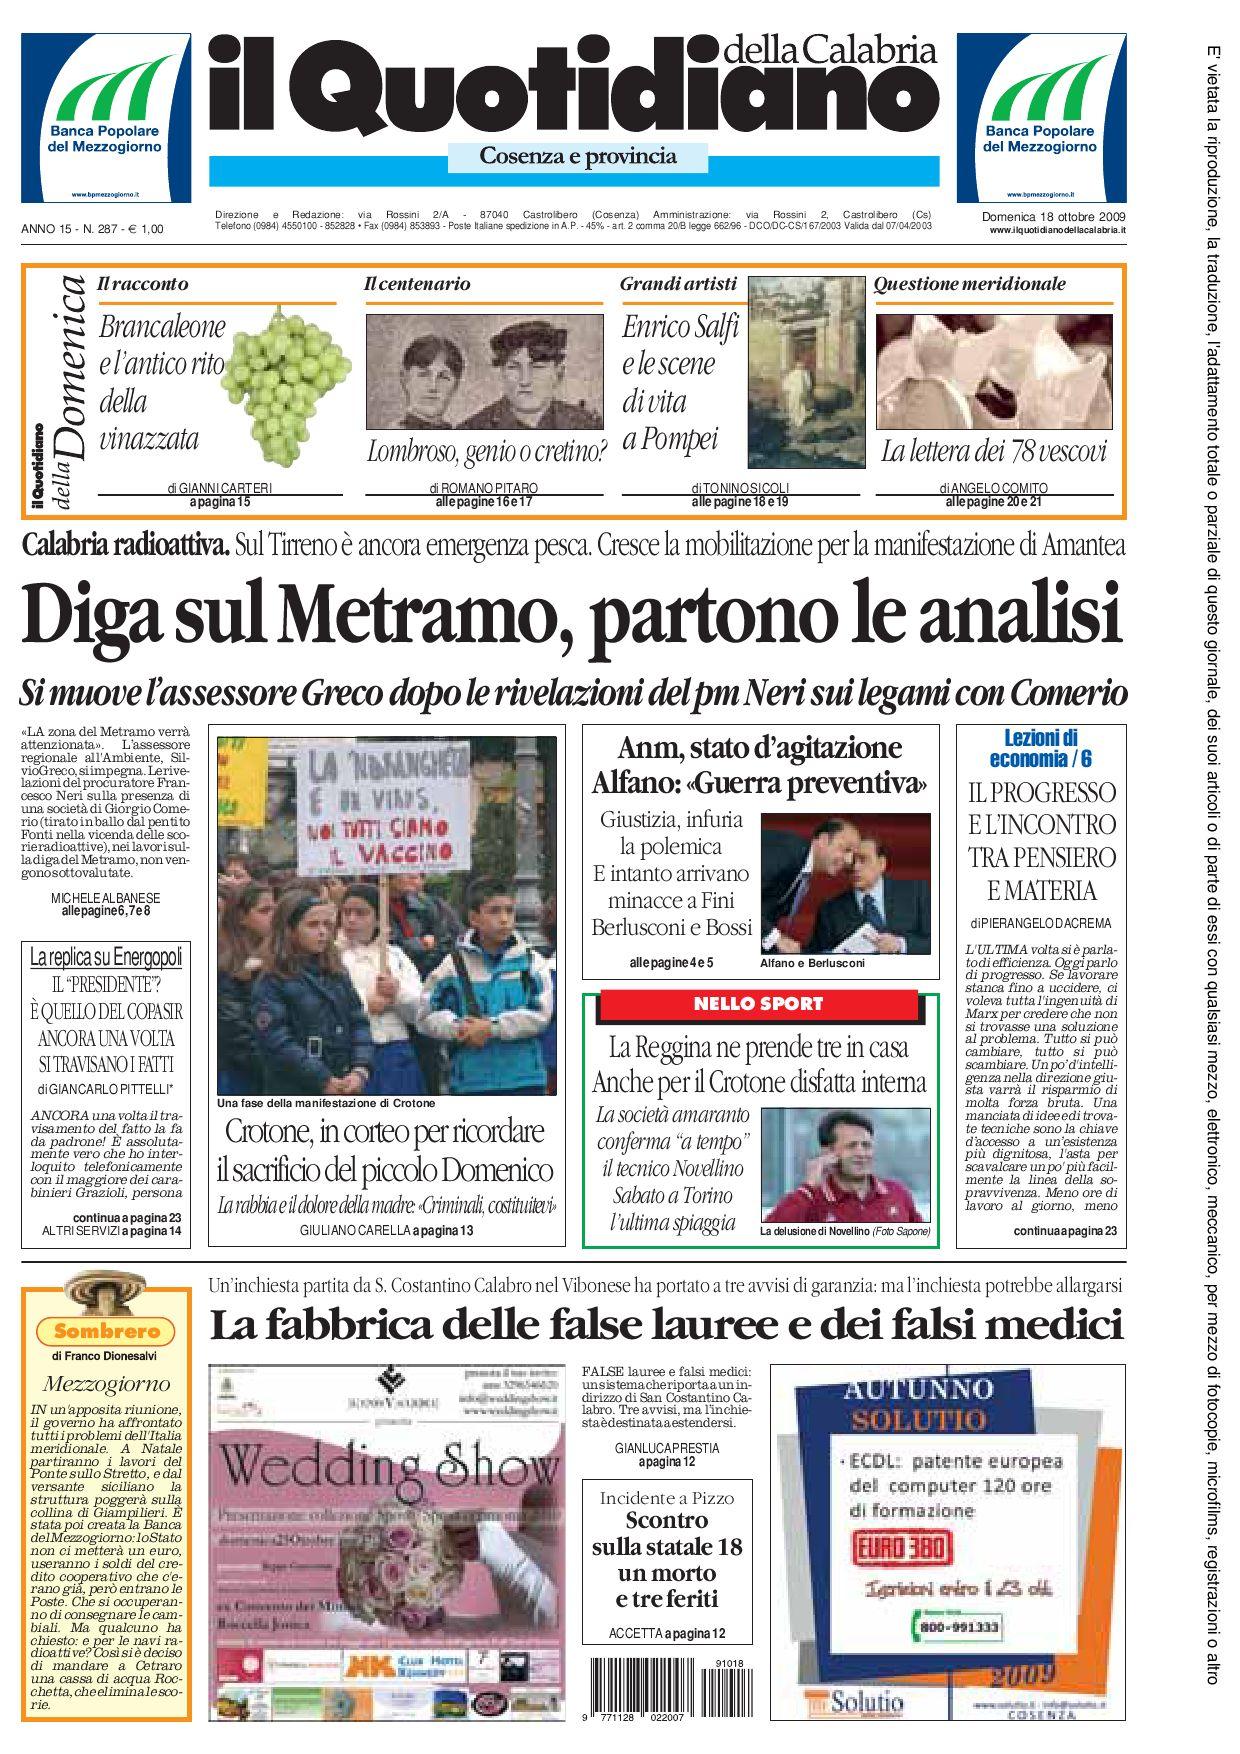 Il quotidiano della calabria by edoardo scaccia issuu for Abbellimento del lotto d angolo